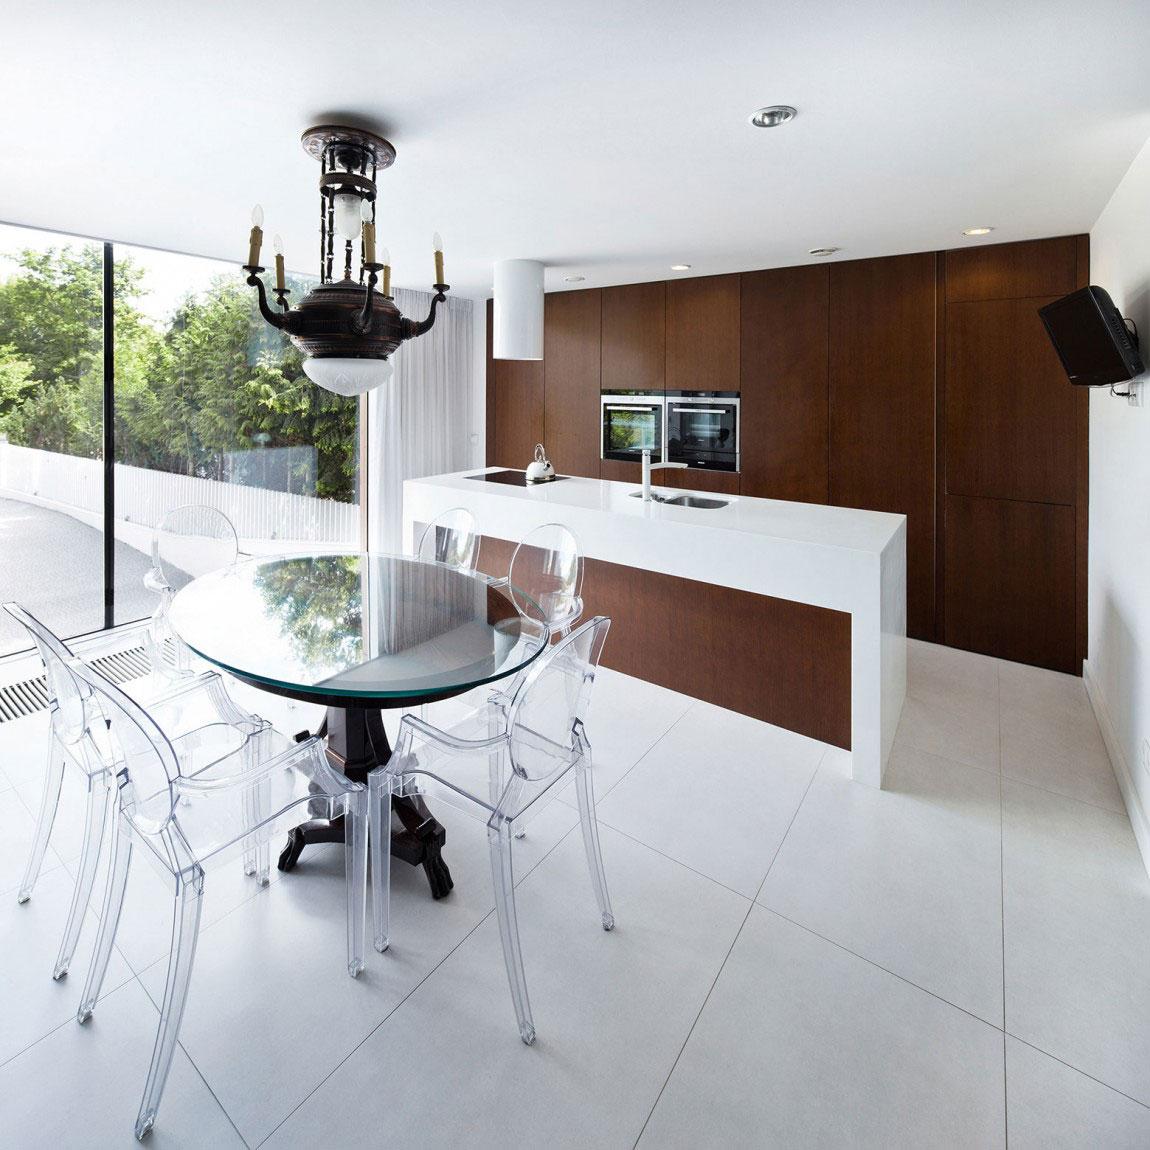 Exempel-på-interiör-design-i-köket-8 exempel på hur inredningen i köket ska se ut